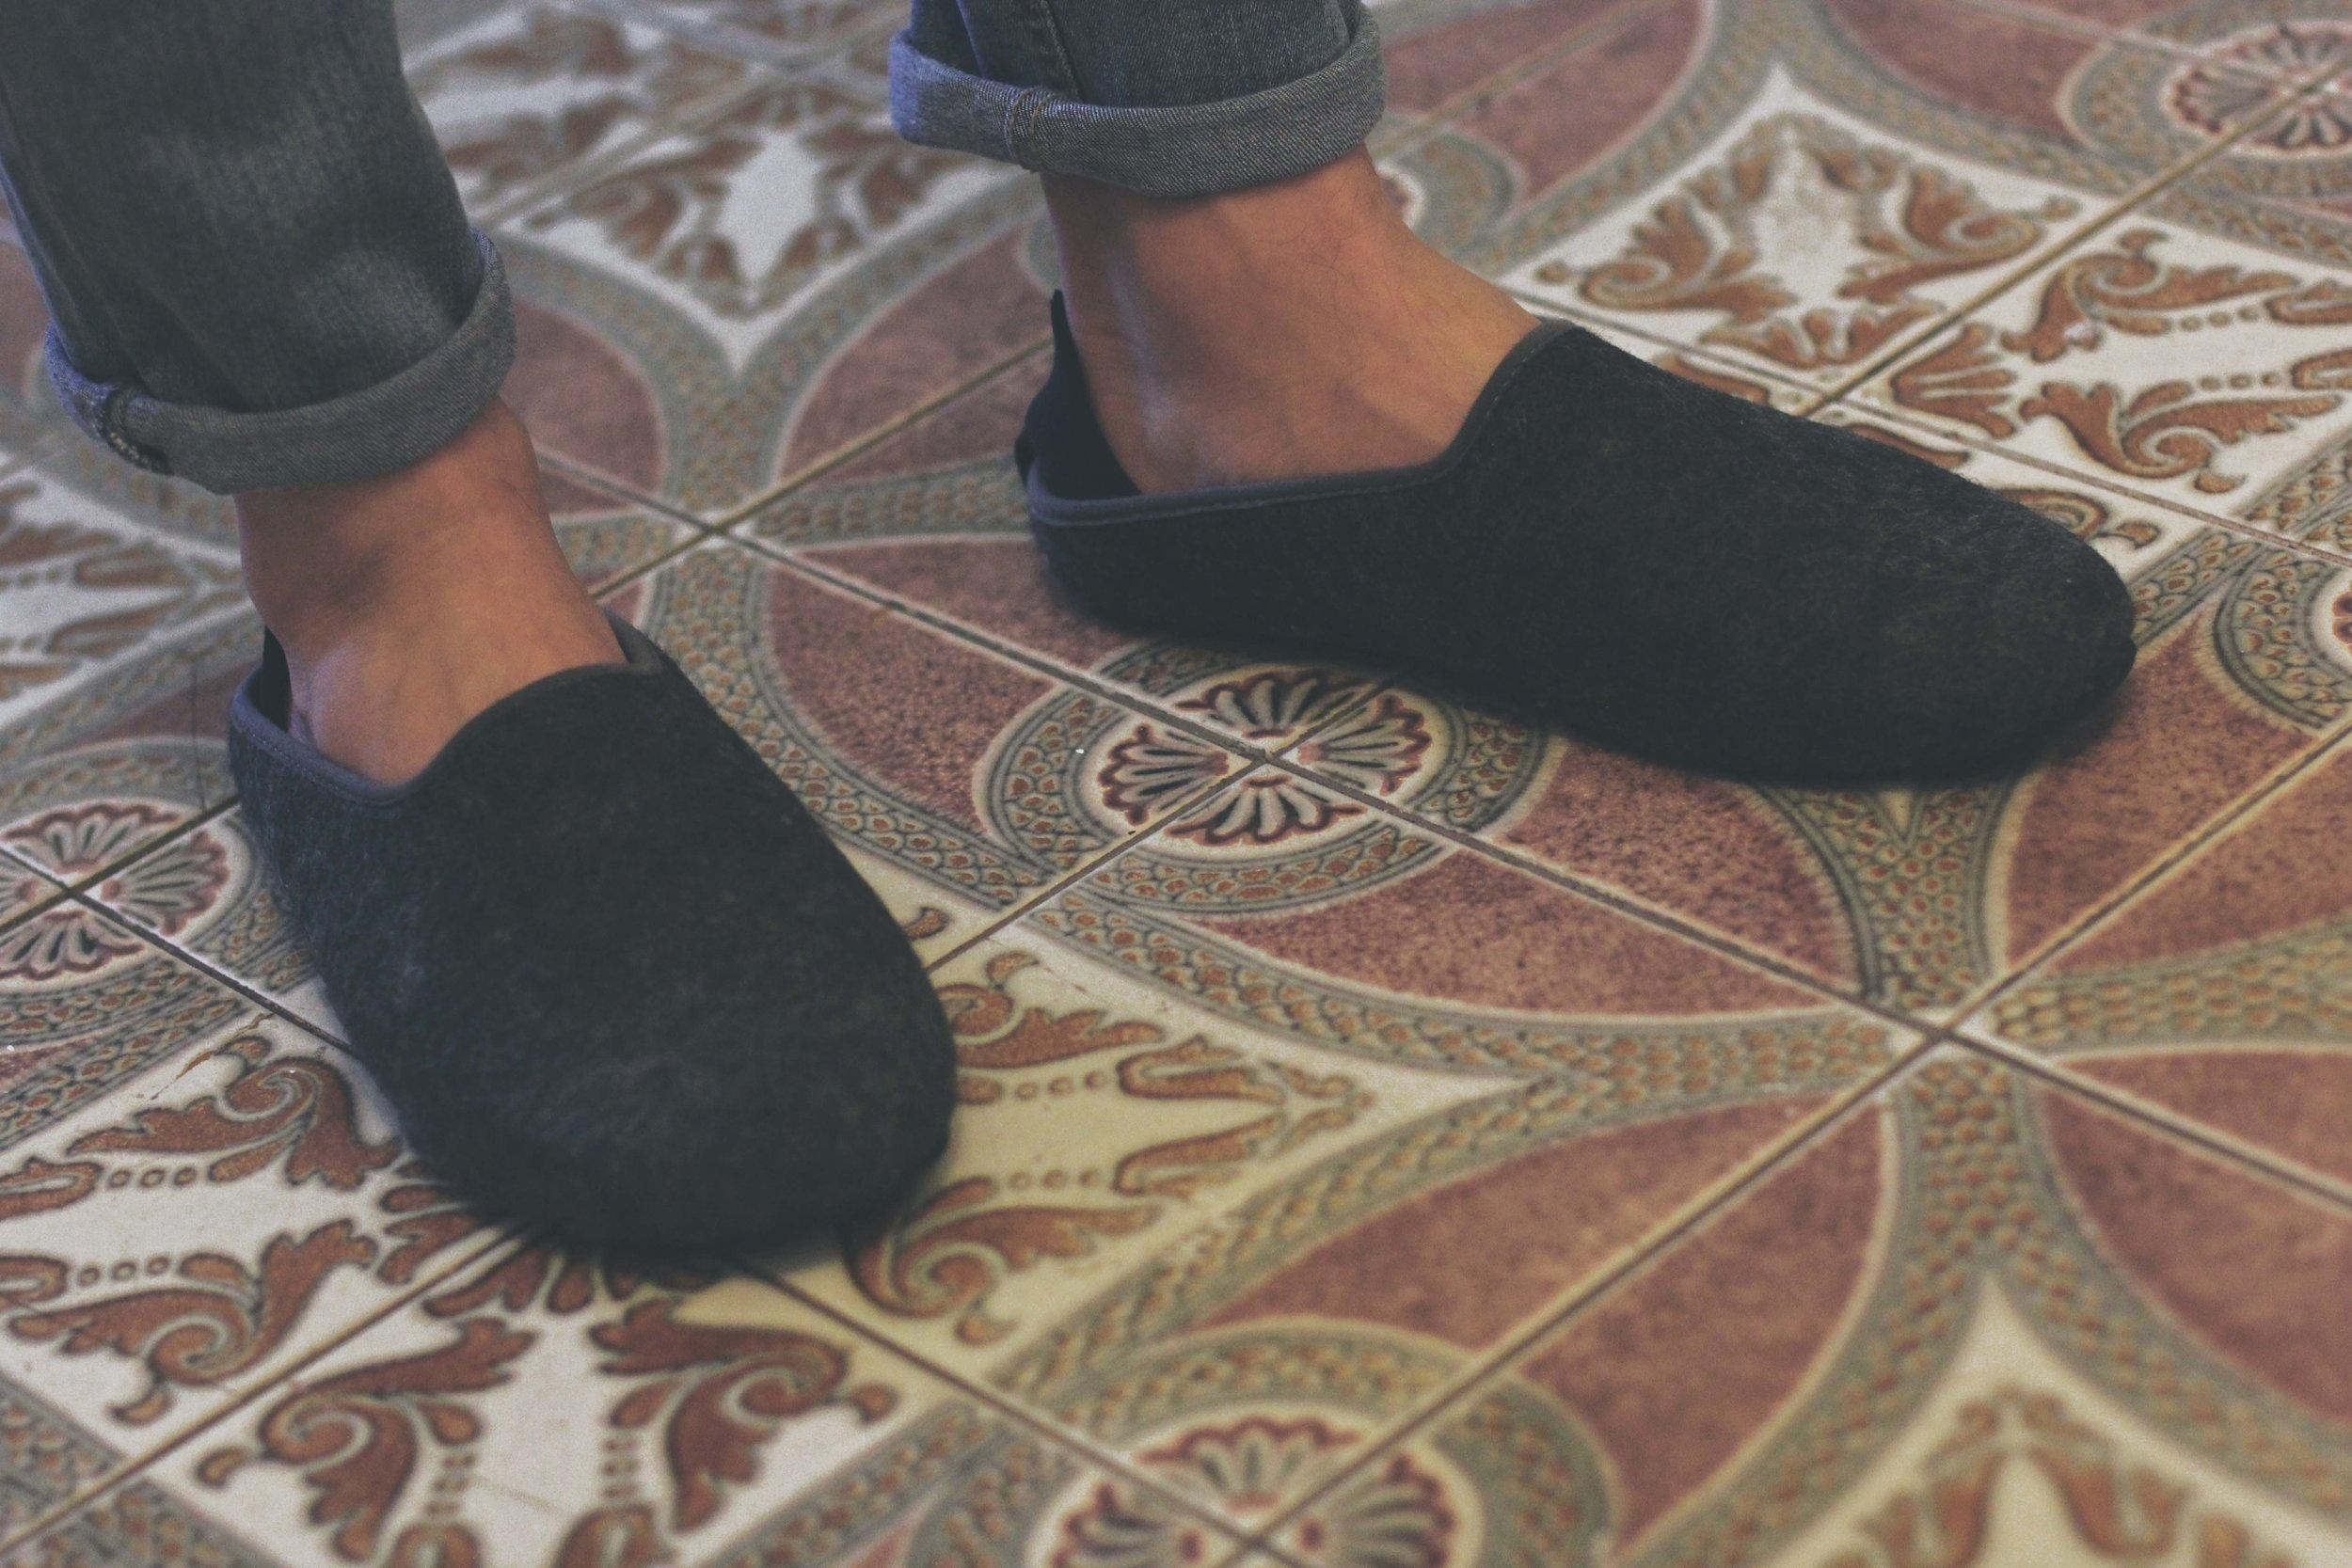 Jordan_Bunker_mahabis_slippers_4.jpg